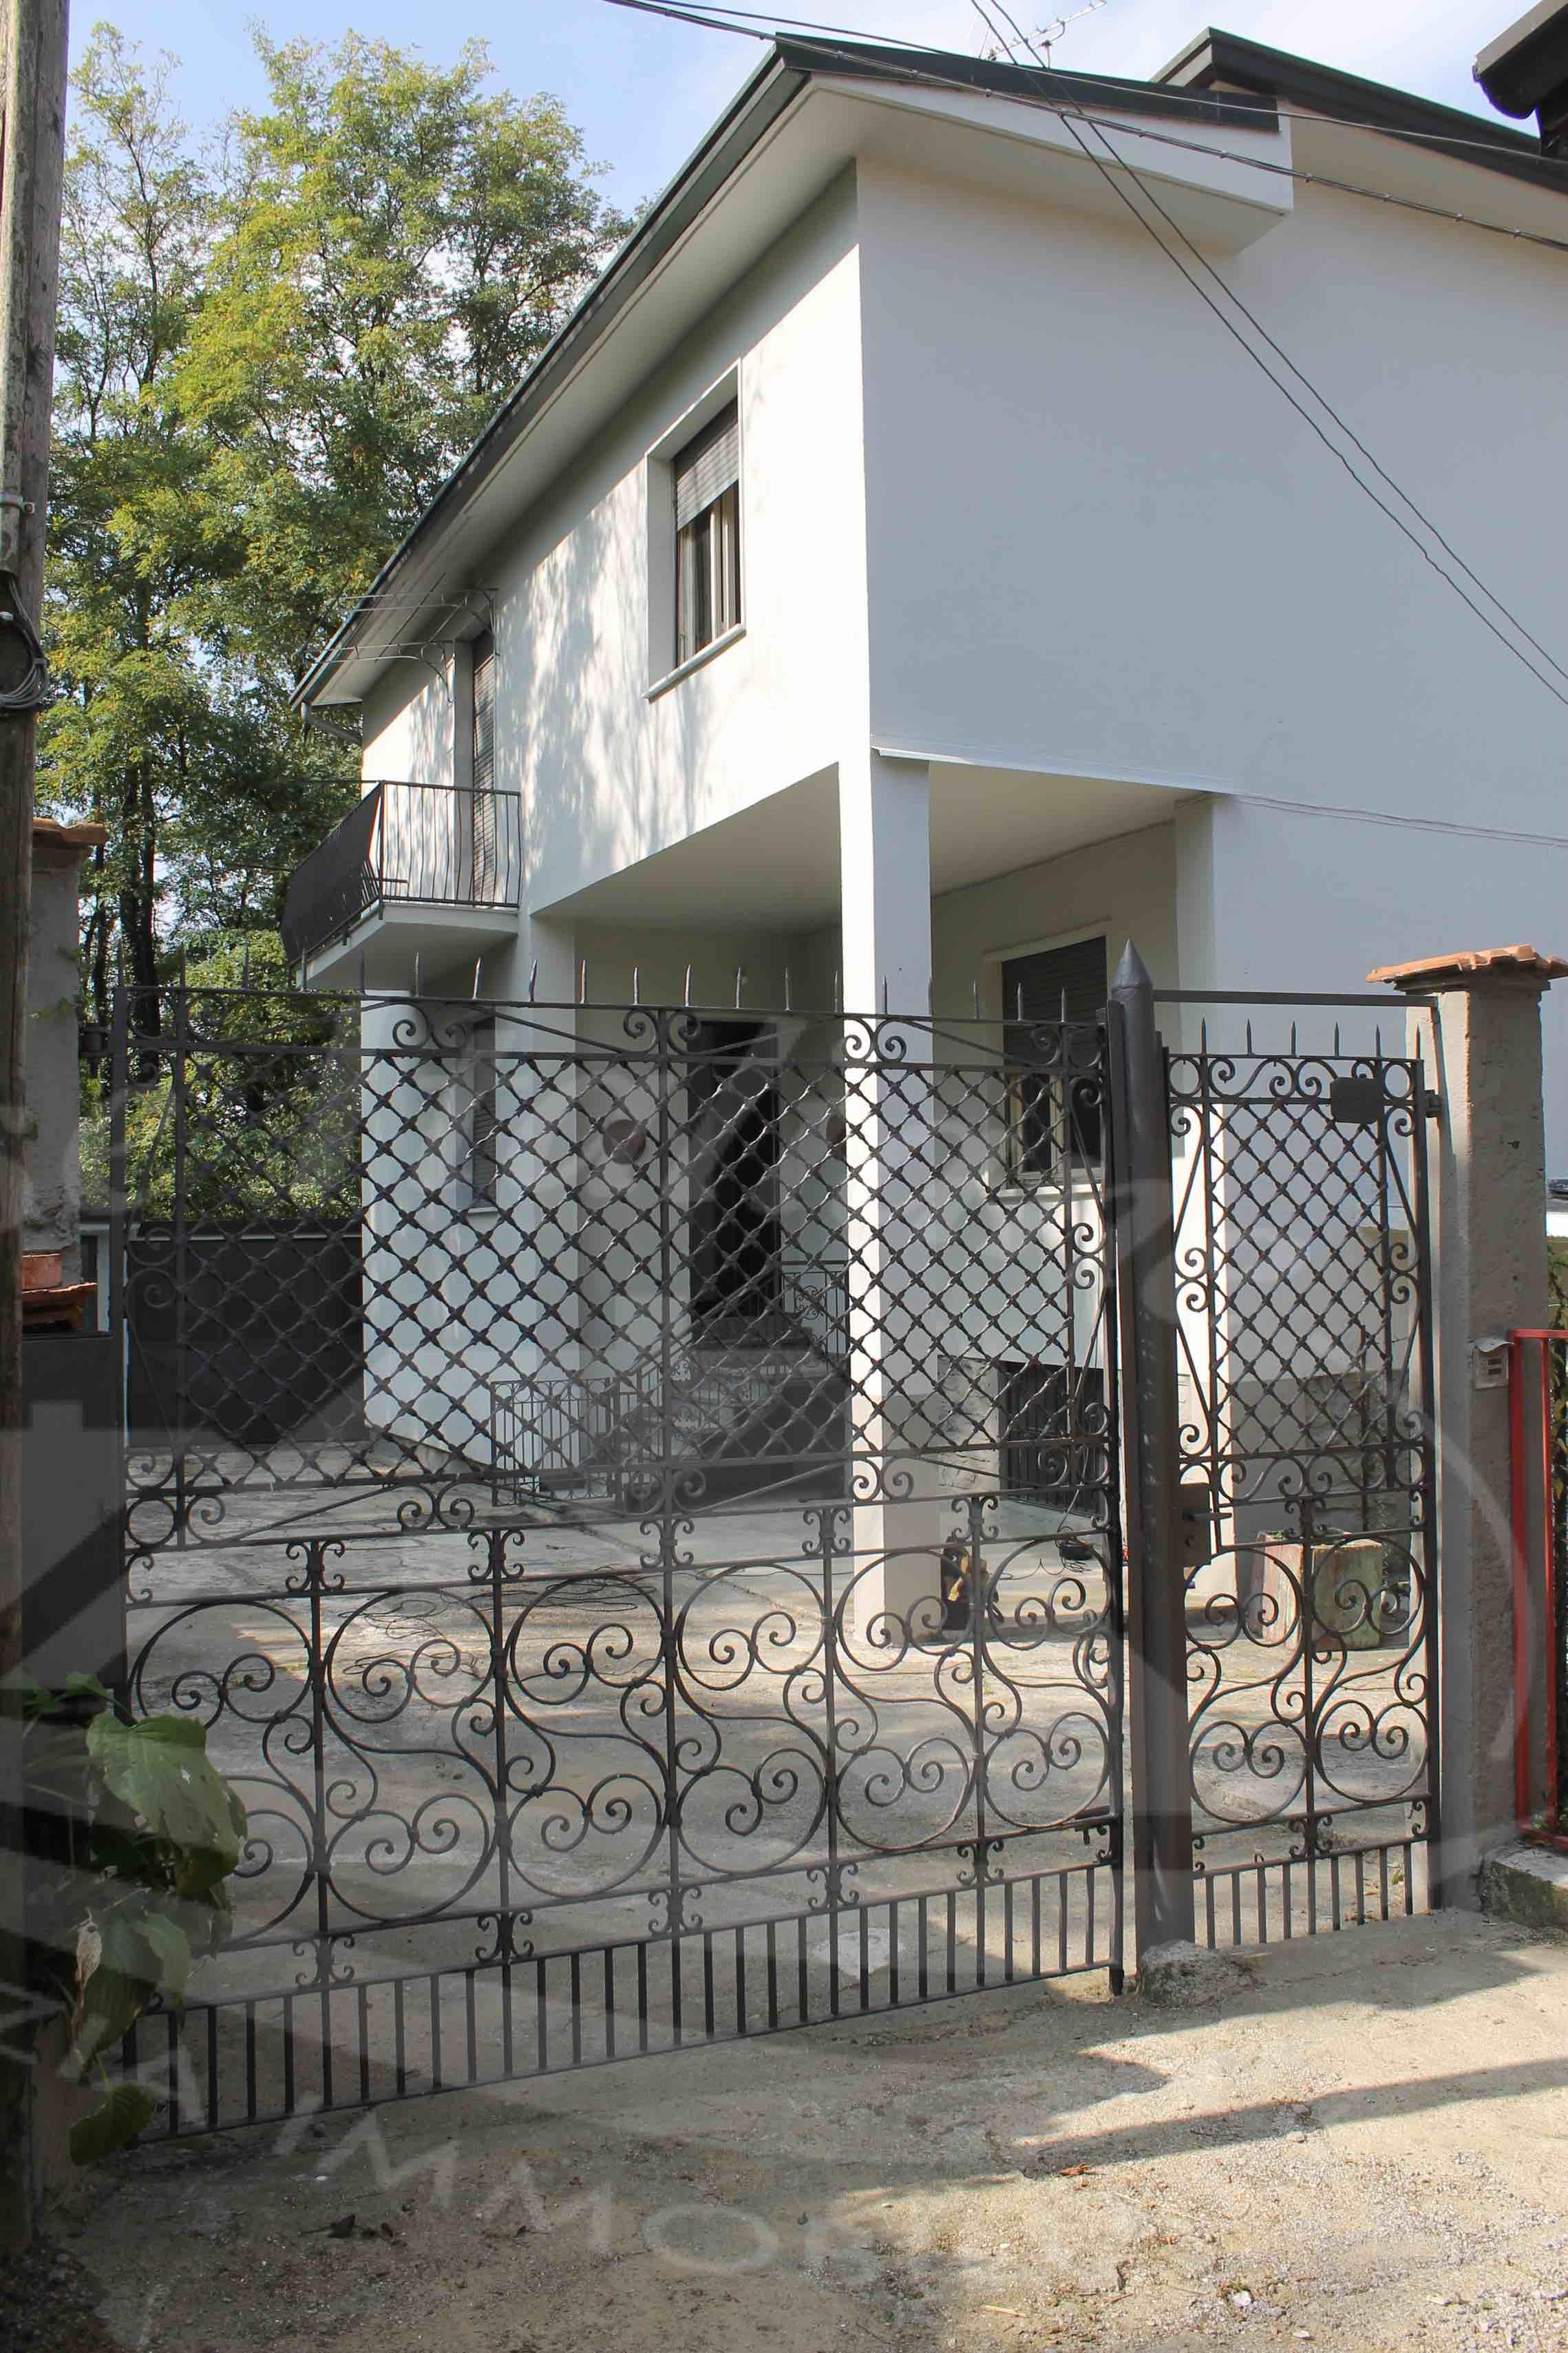 Casa indipendente a cantu 39 da ristrutturare case for Casa indipendente da ristrutturare